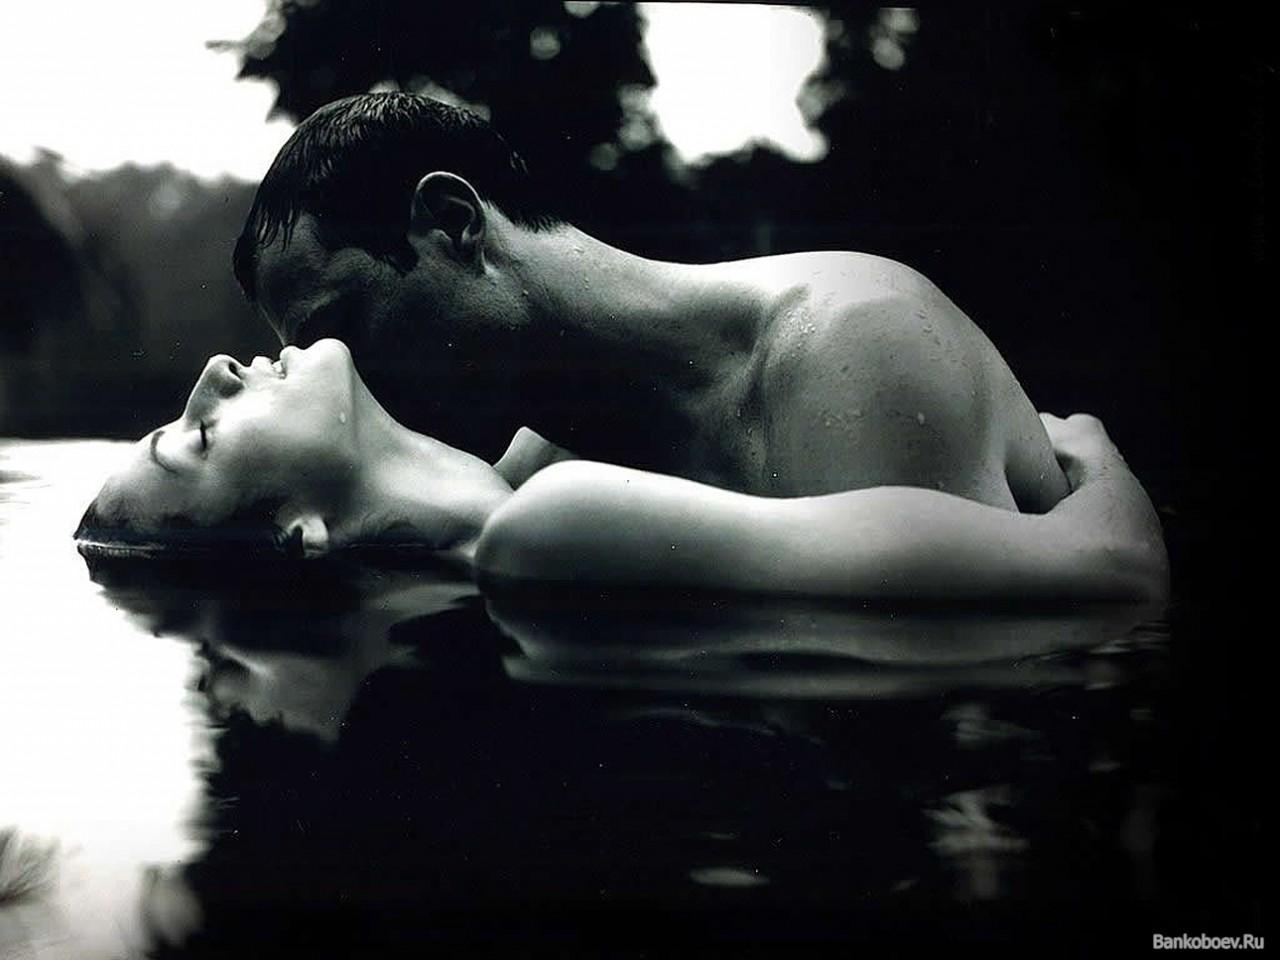 А сумасшедшая страсть или спокойная любовь... Что лучше?